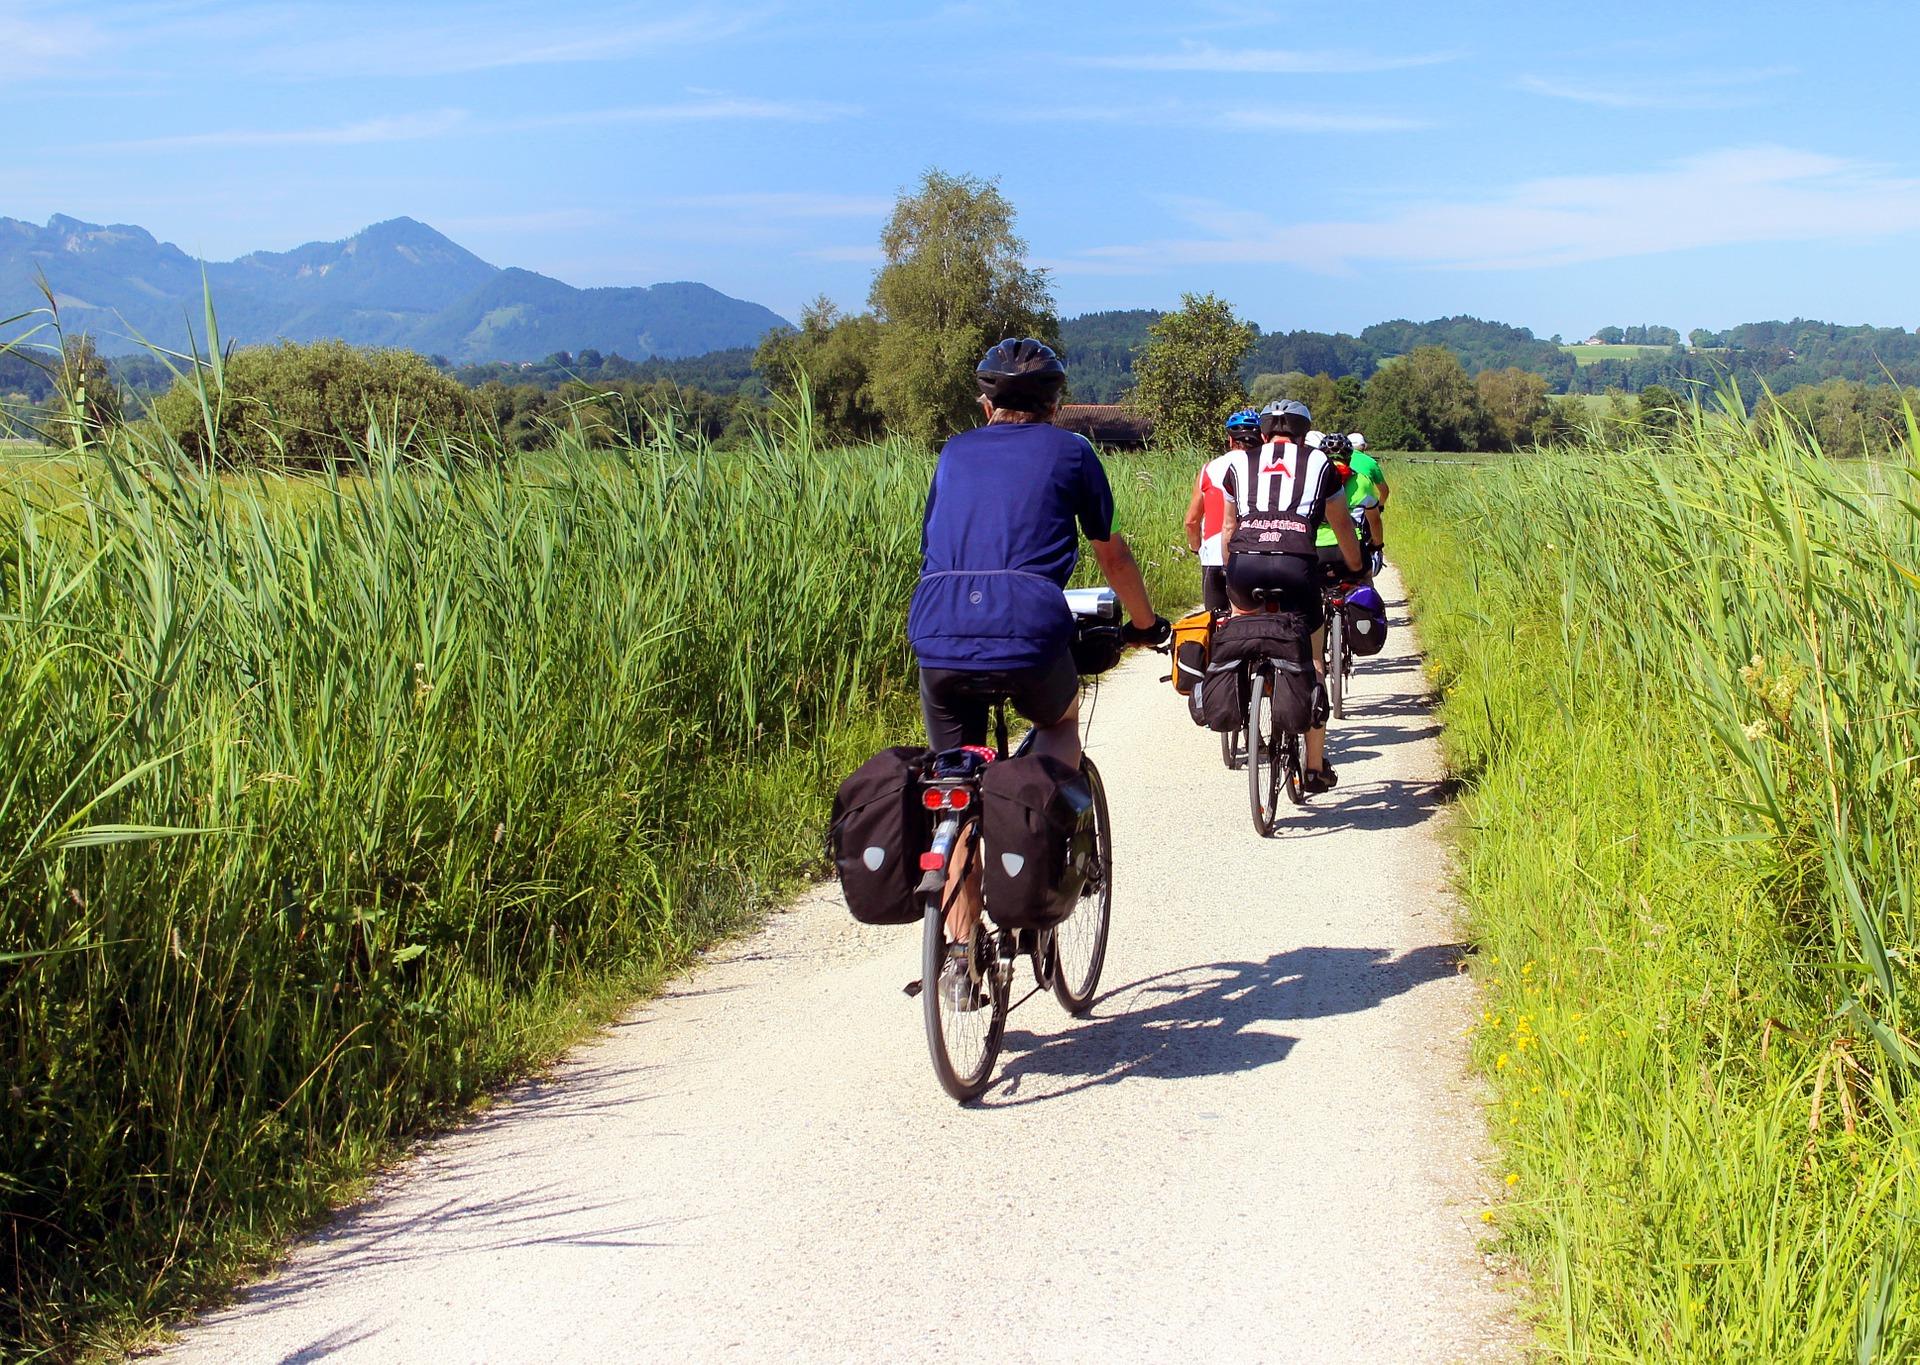 PedalAlzheimer Fest: 140 km on a bike to raise awareness about Alzheimer's disease